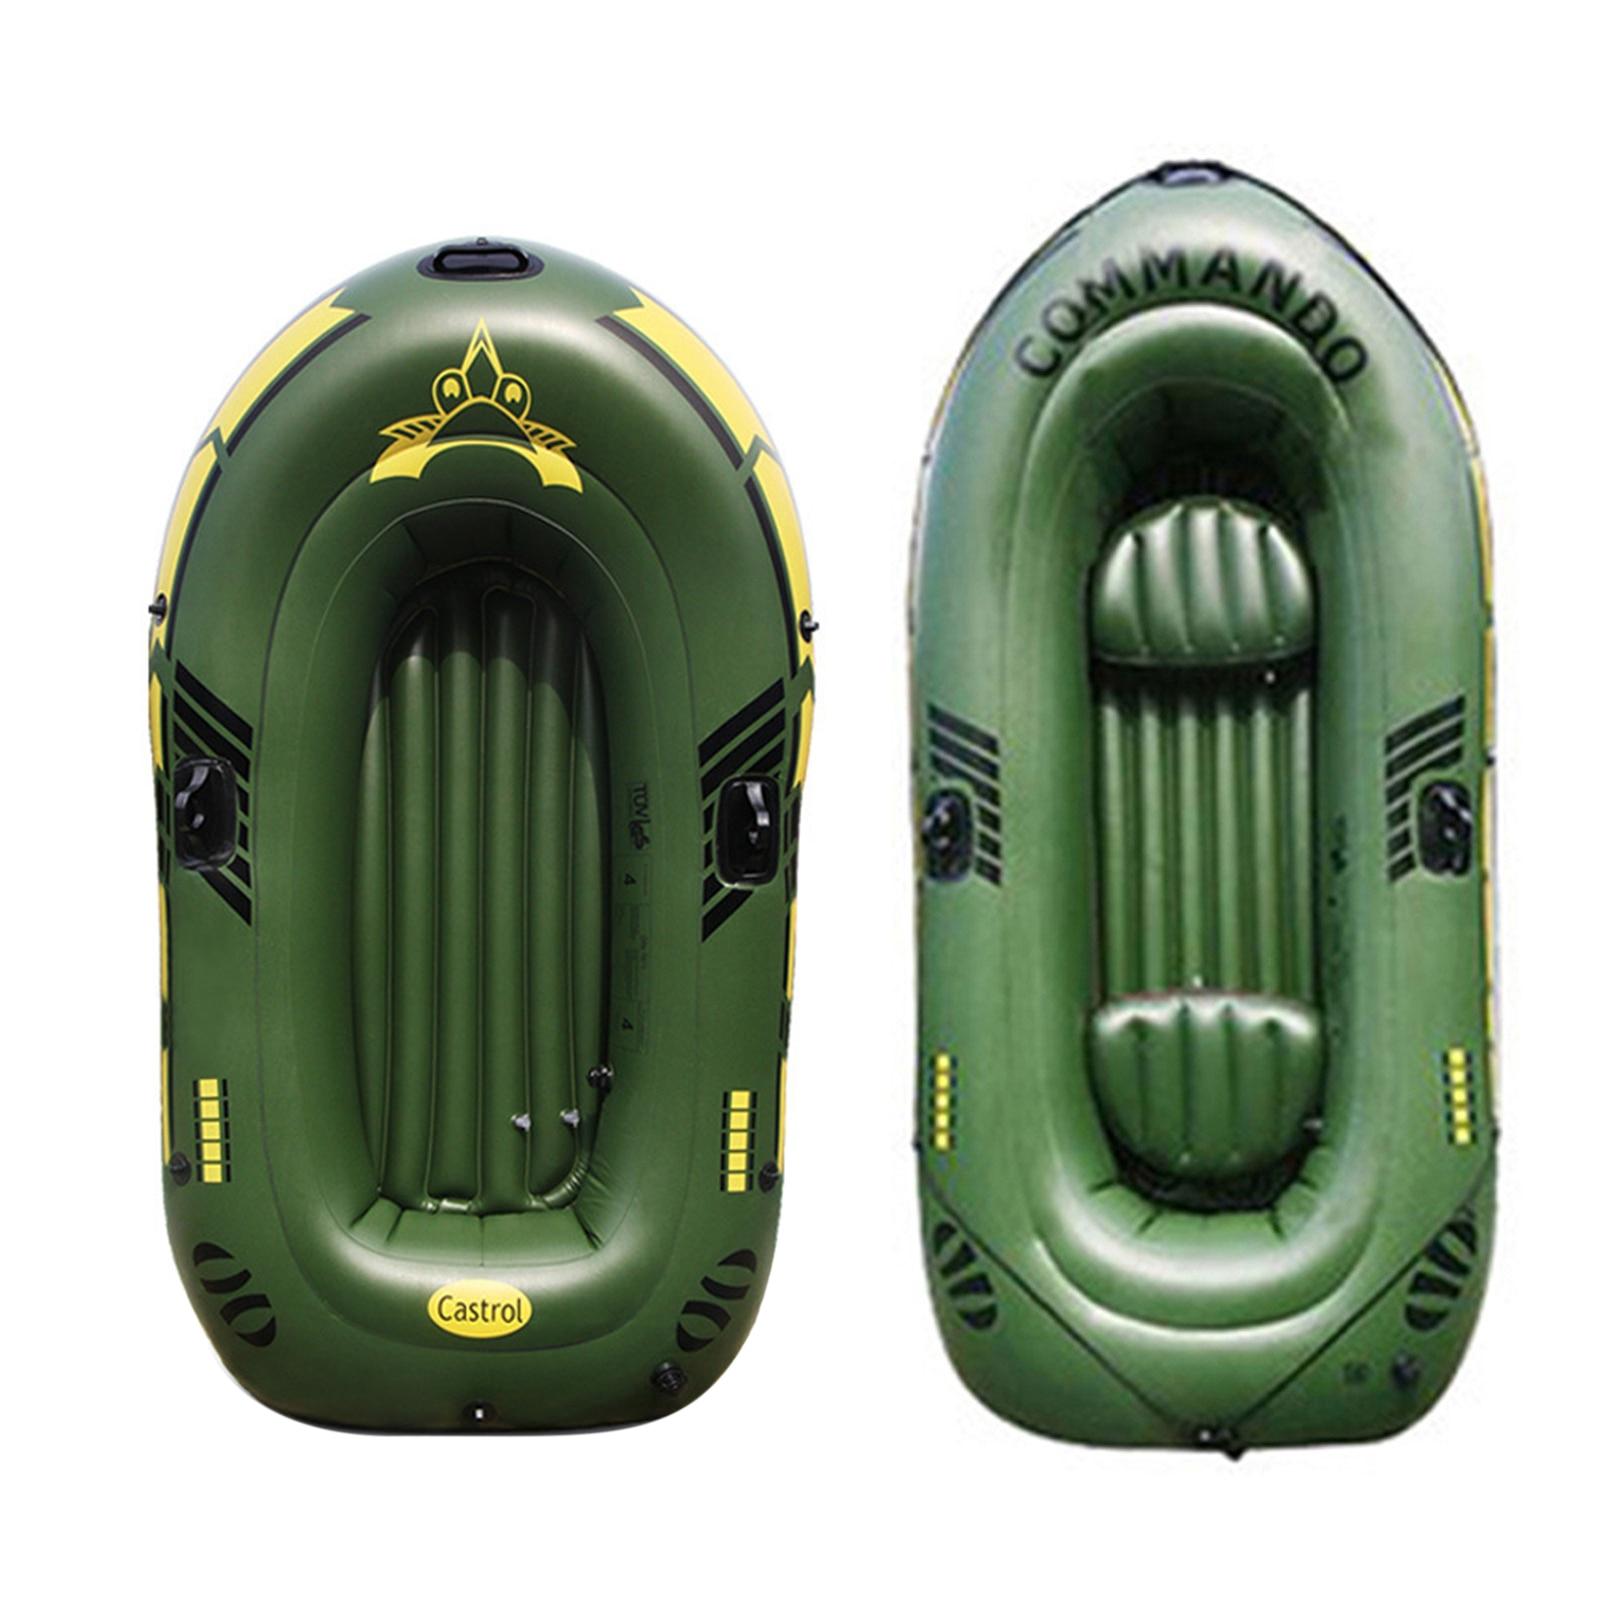 Утолщенная надувная лодка из ПВХ на 2/3 человек, портативная лодка для дрифтинга, байдарка с насосом для весла, лодка для рыбалки, гребли для в...